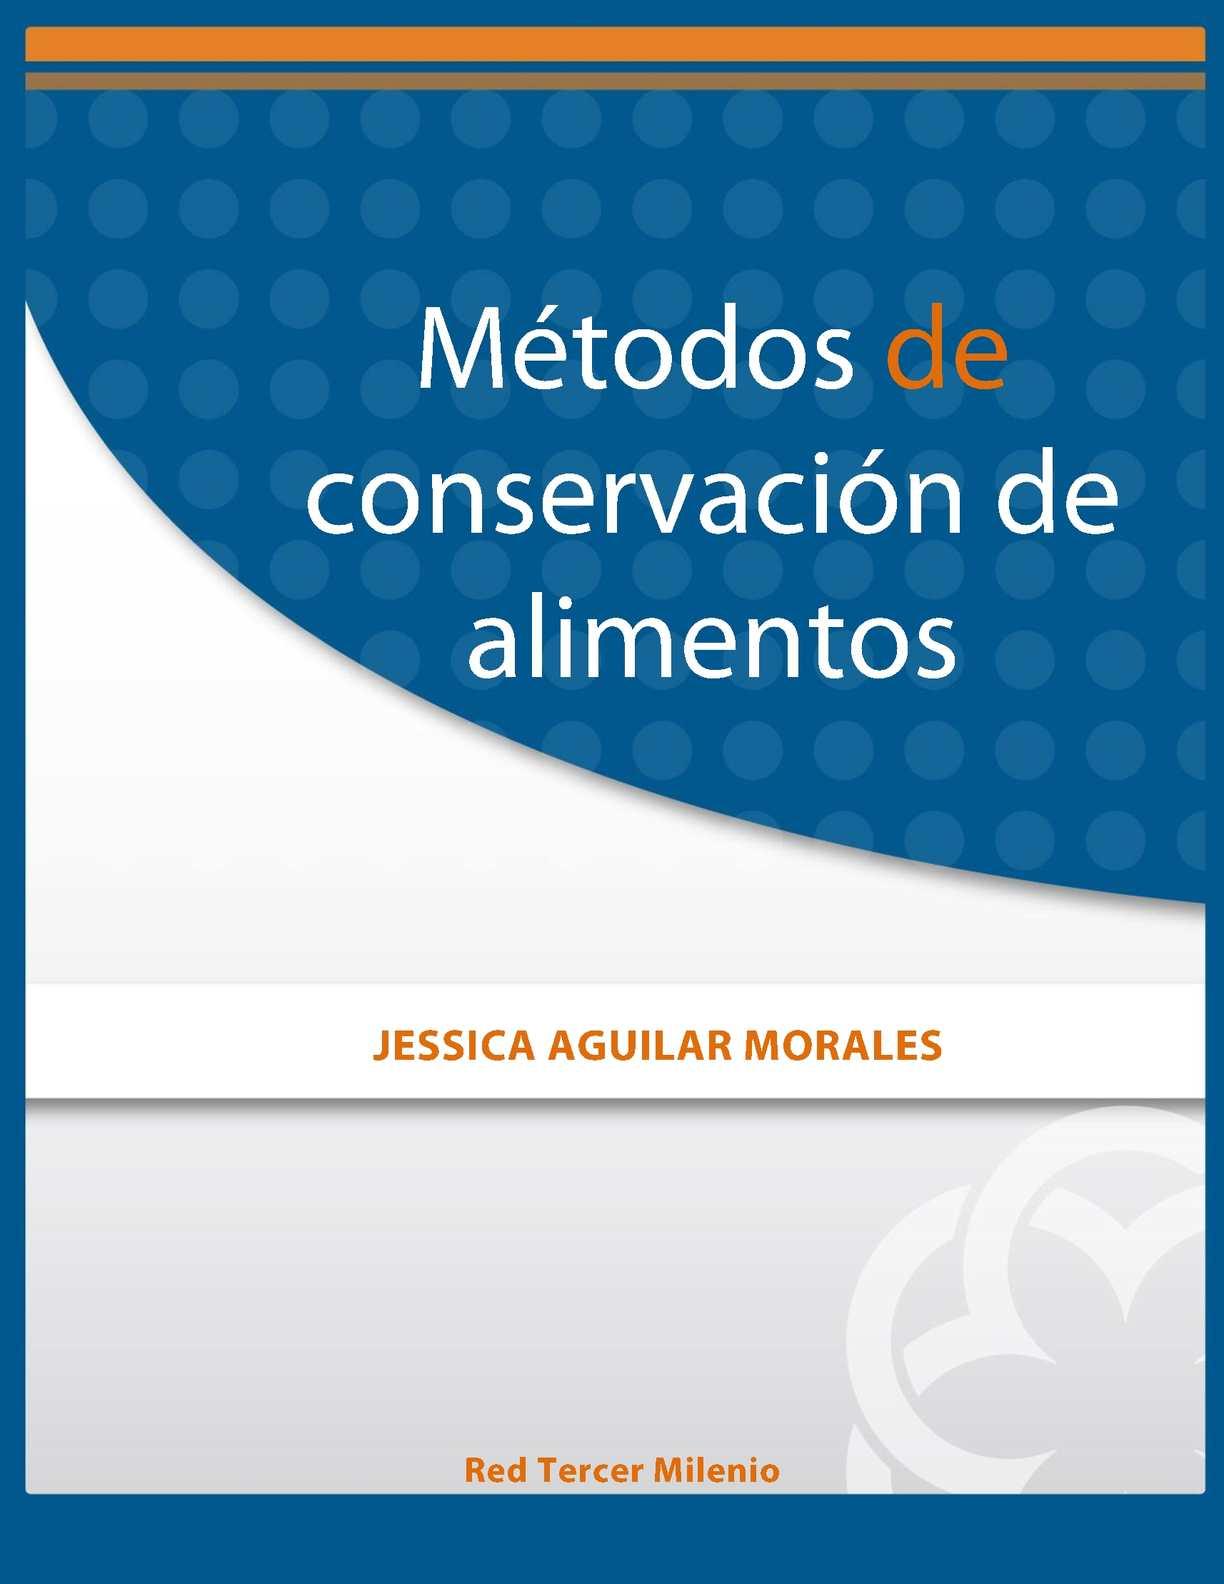 Calam o m todos de conservacion de alimentos for Procesos de preelaboracion y conservacion en cocina pdf